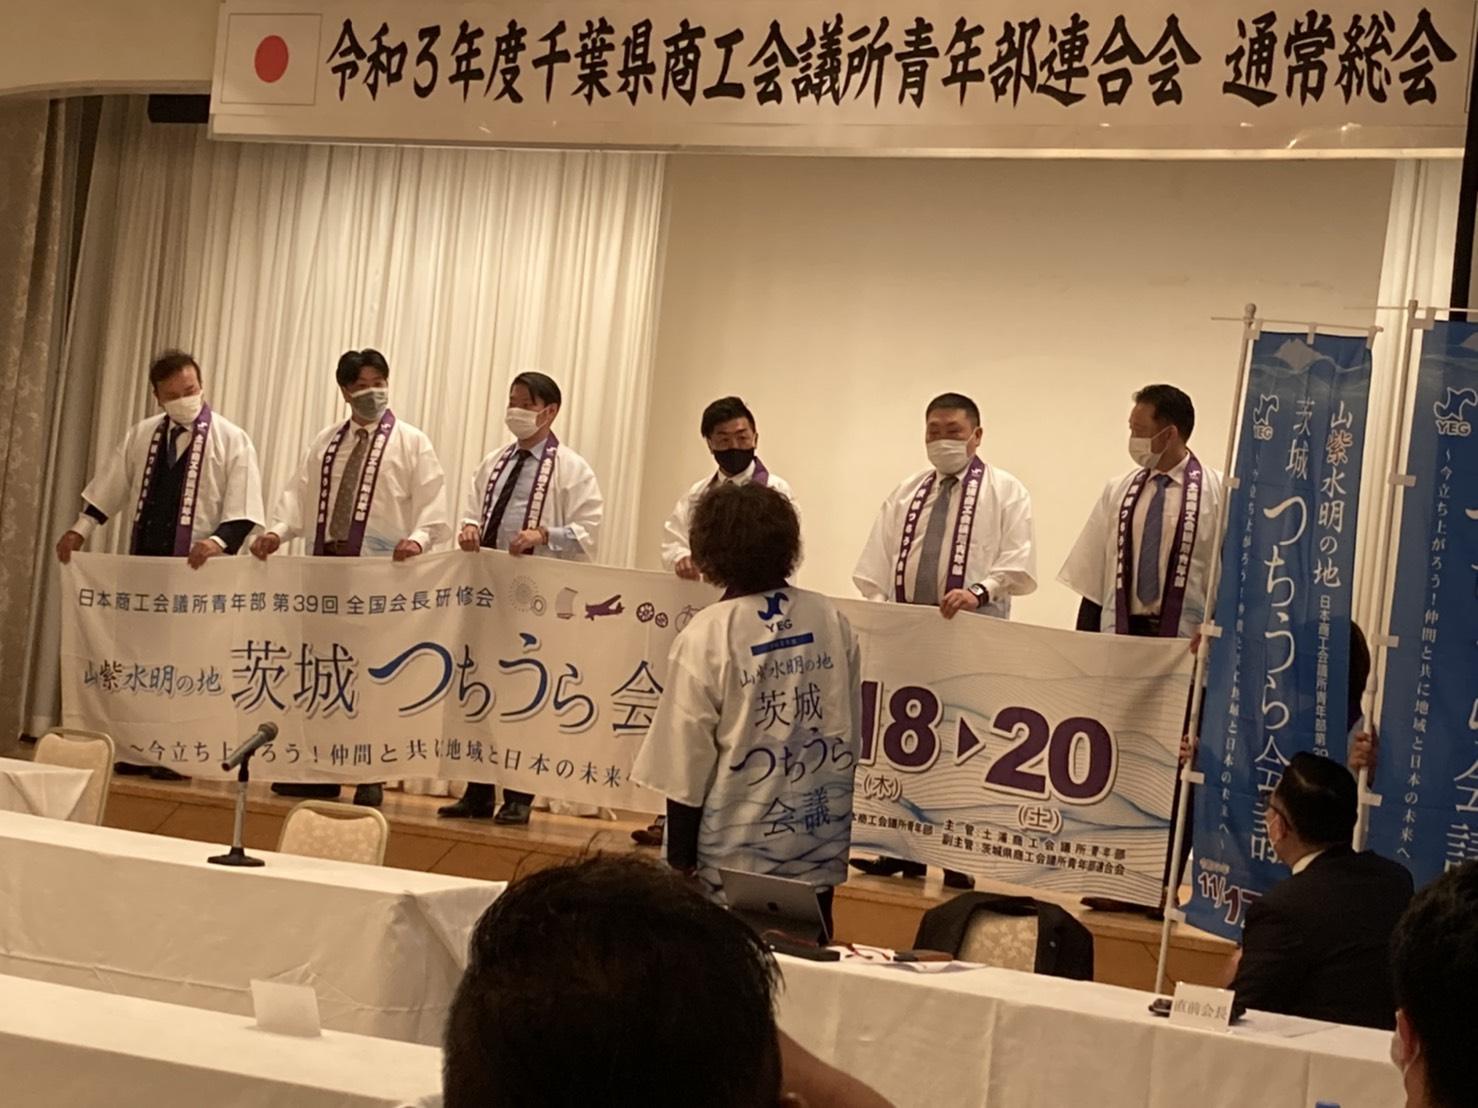 千葉県商工会議所青年部連合会 通常総会